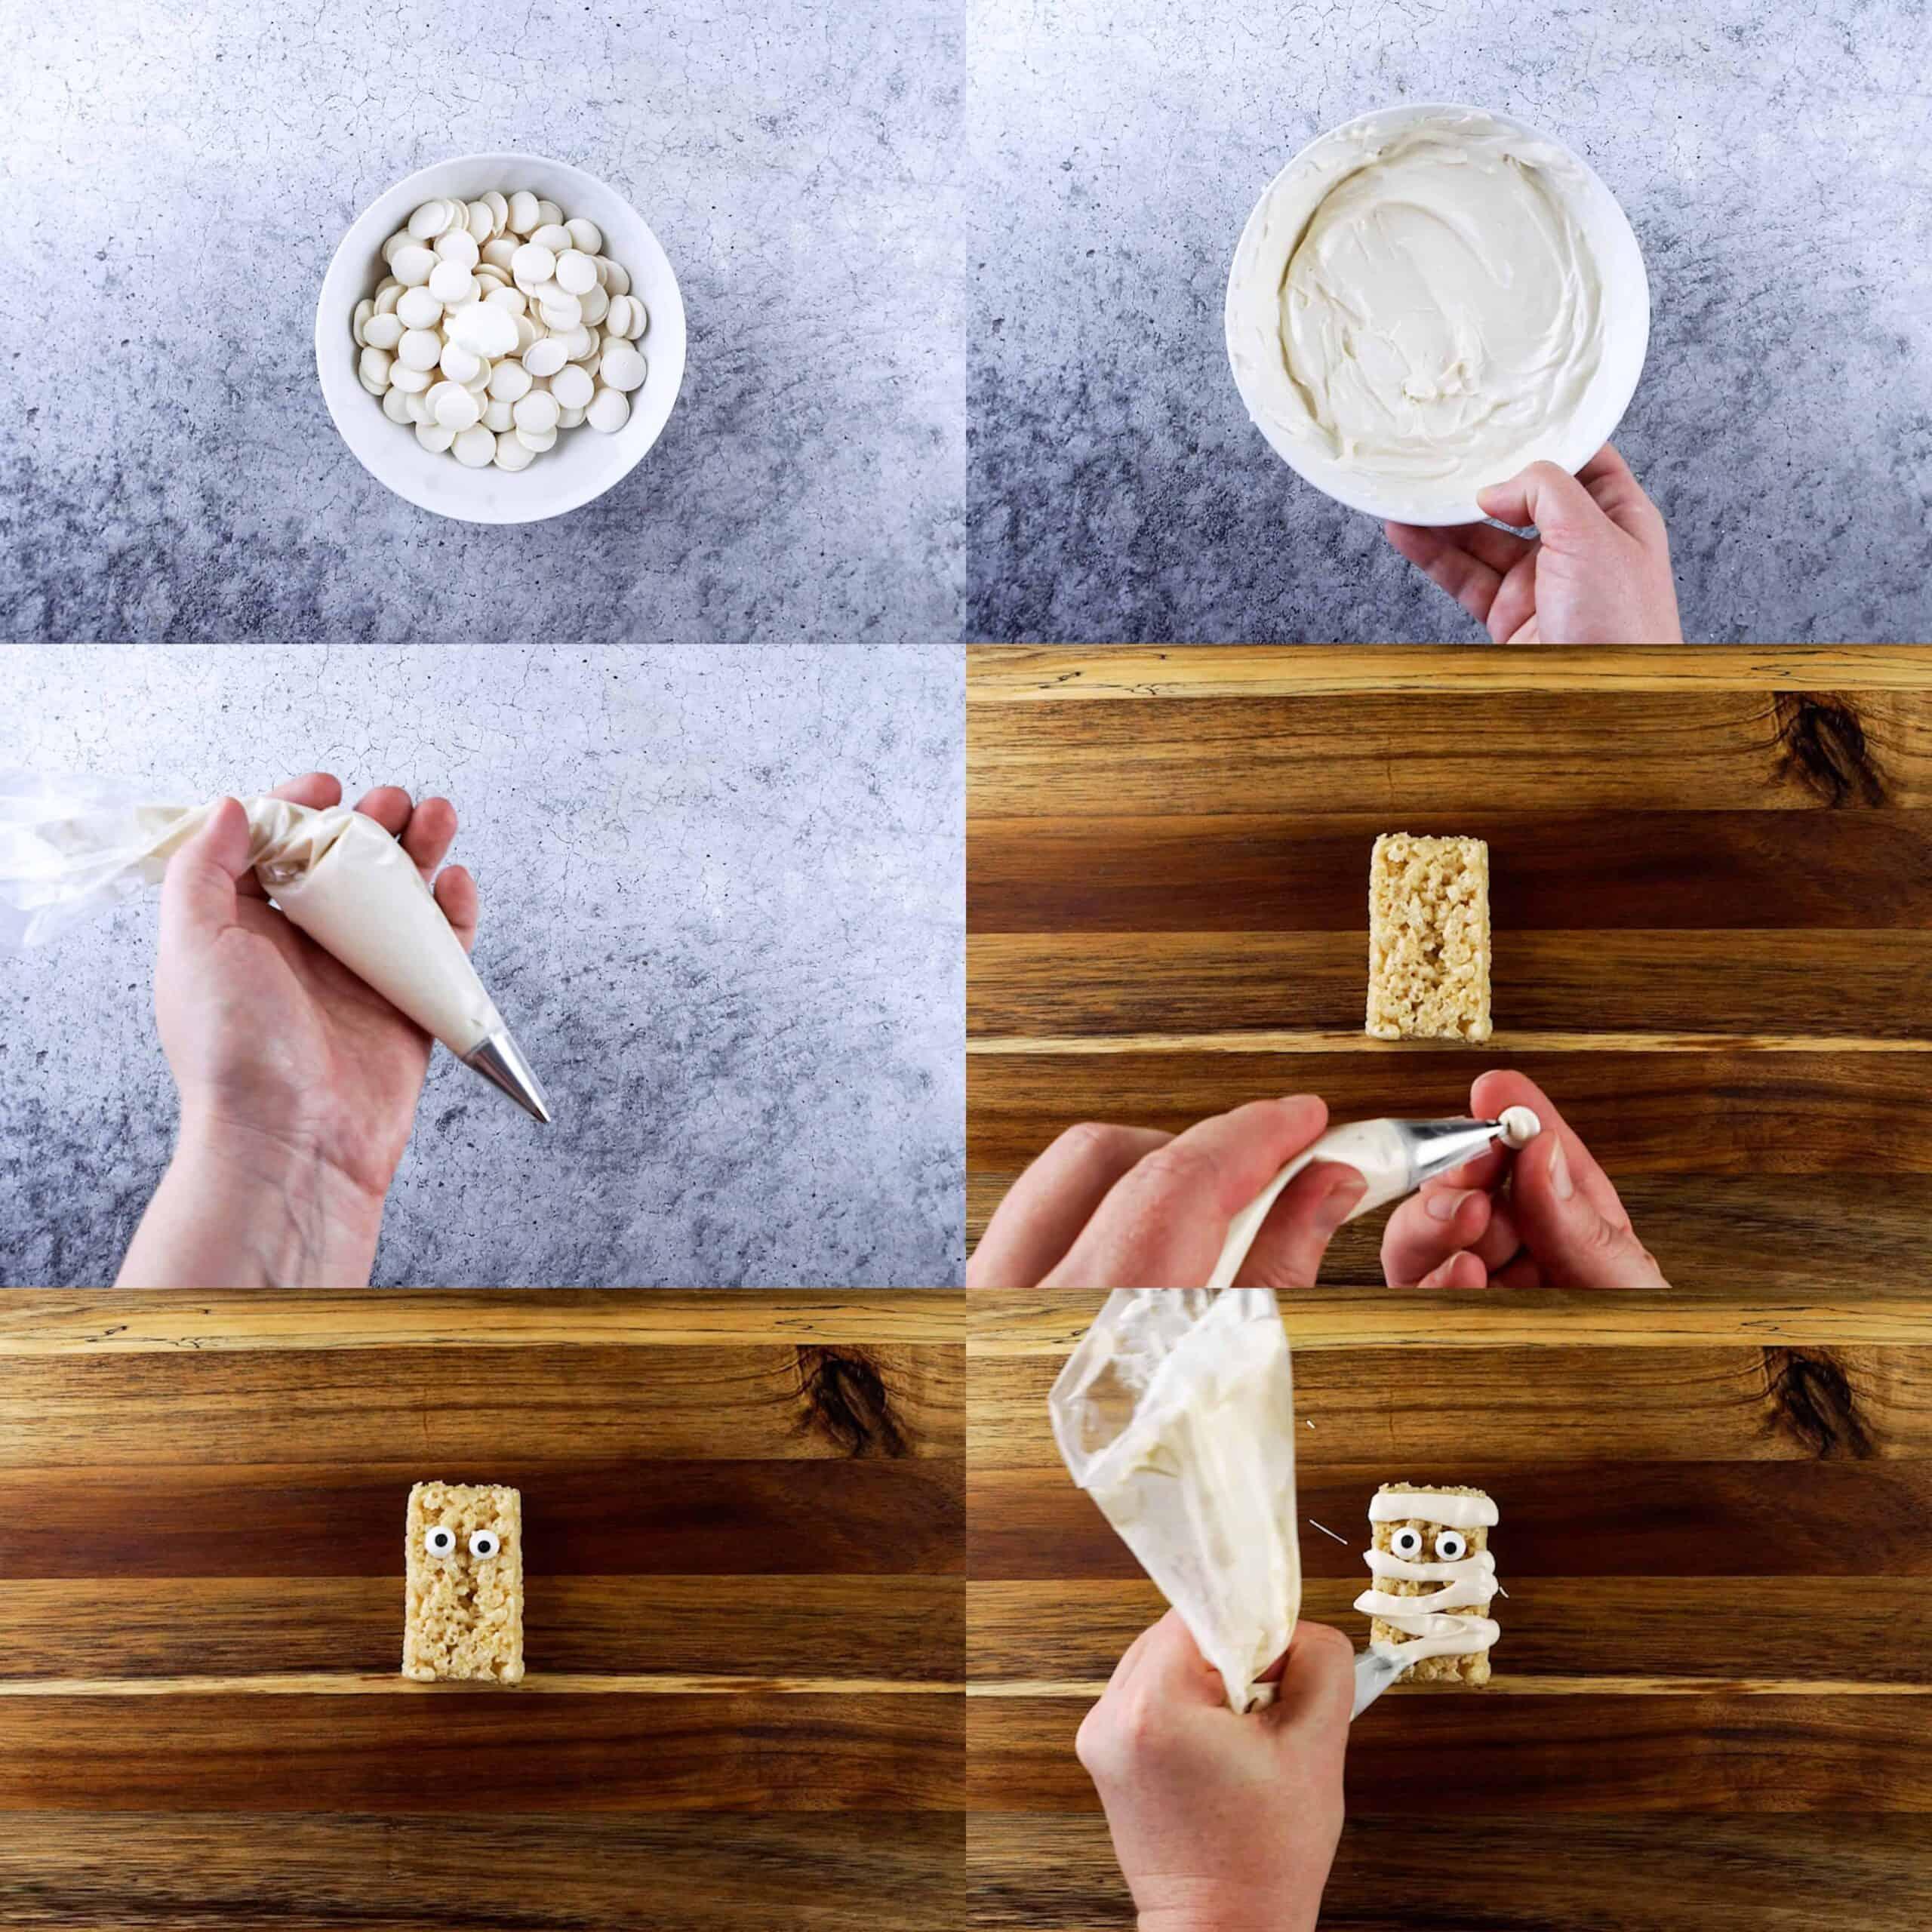 mummy rice crispy treat process shots